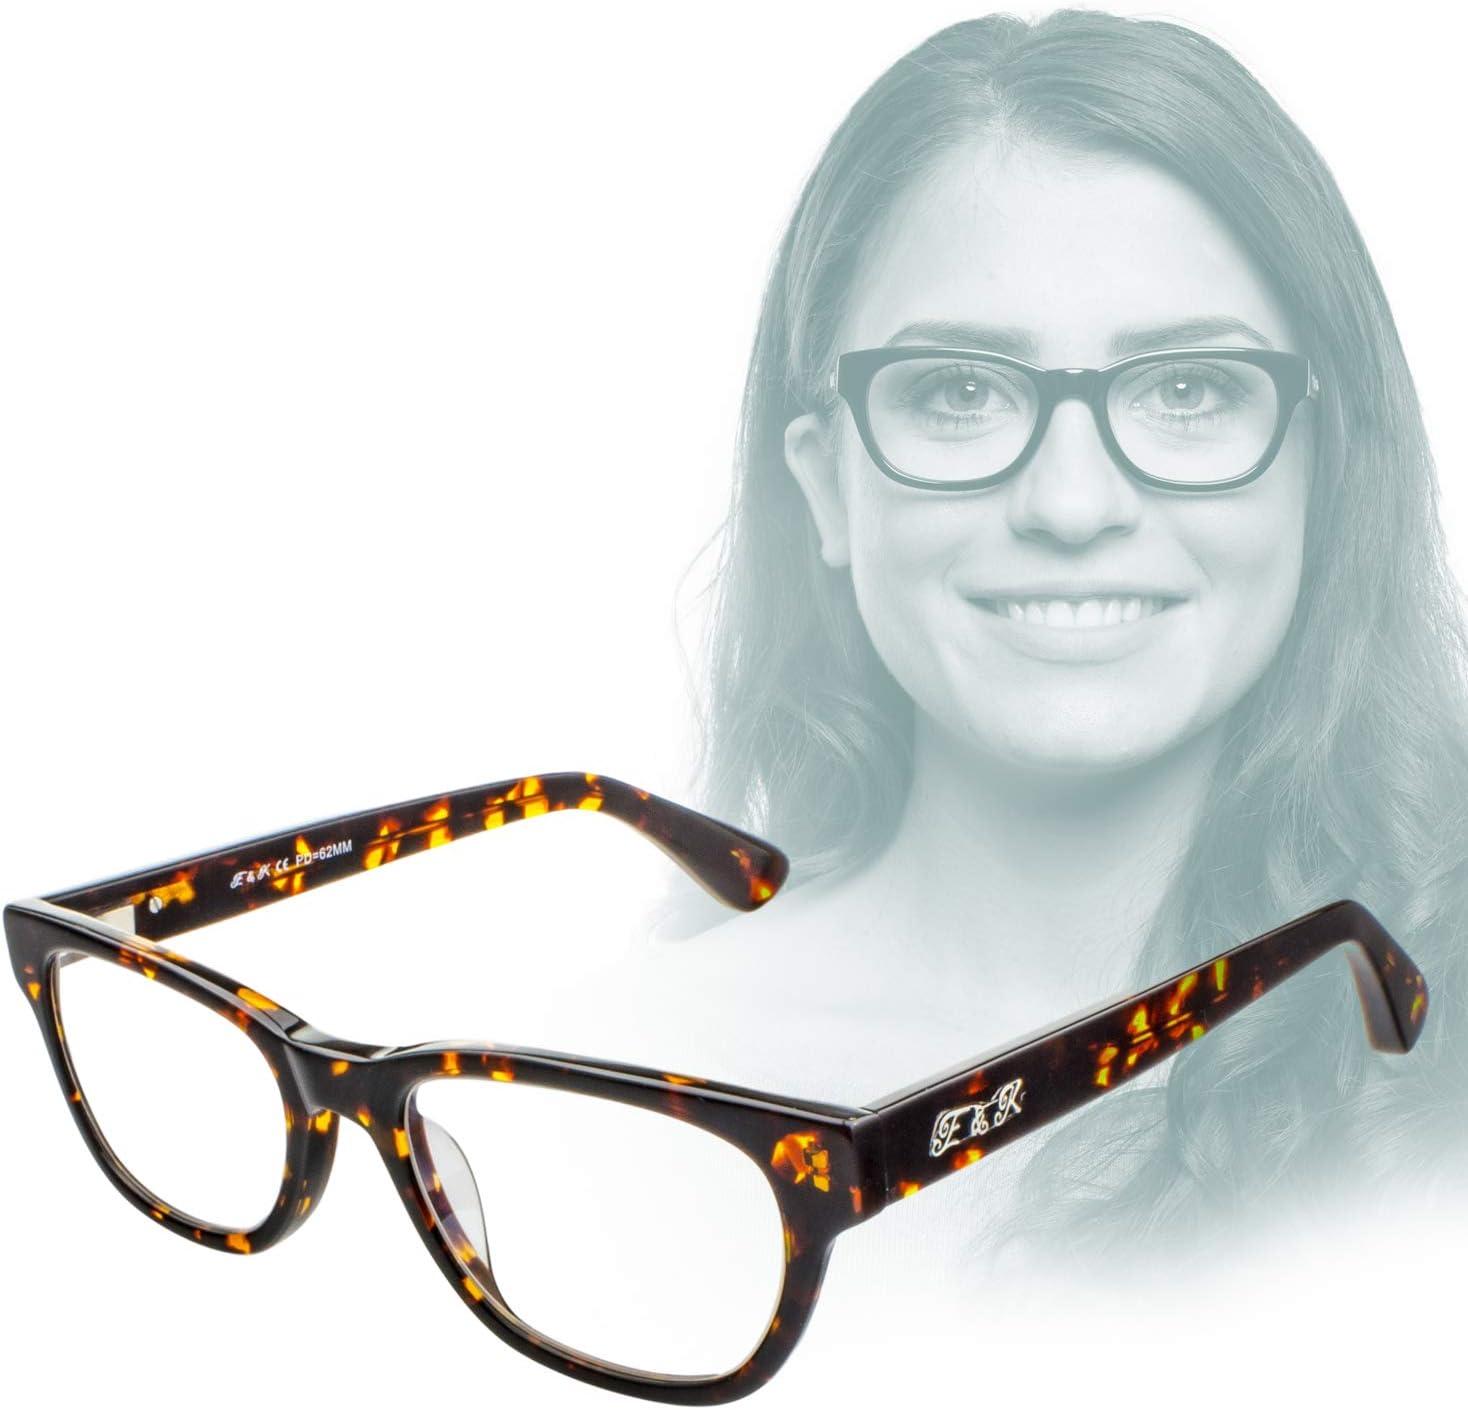 Gafas de Acetato Modernas antirreflejante Edison /& King Gafas de Lectura Endless